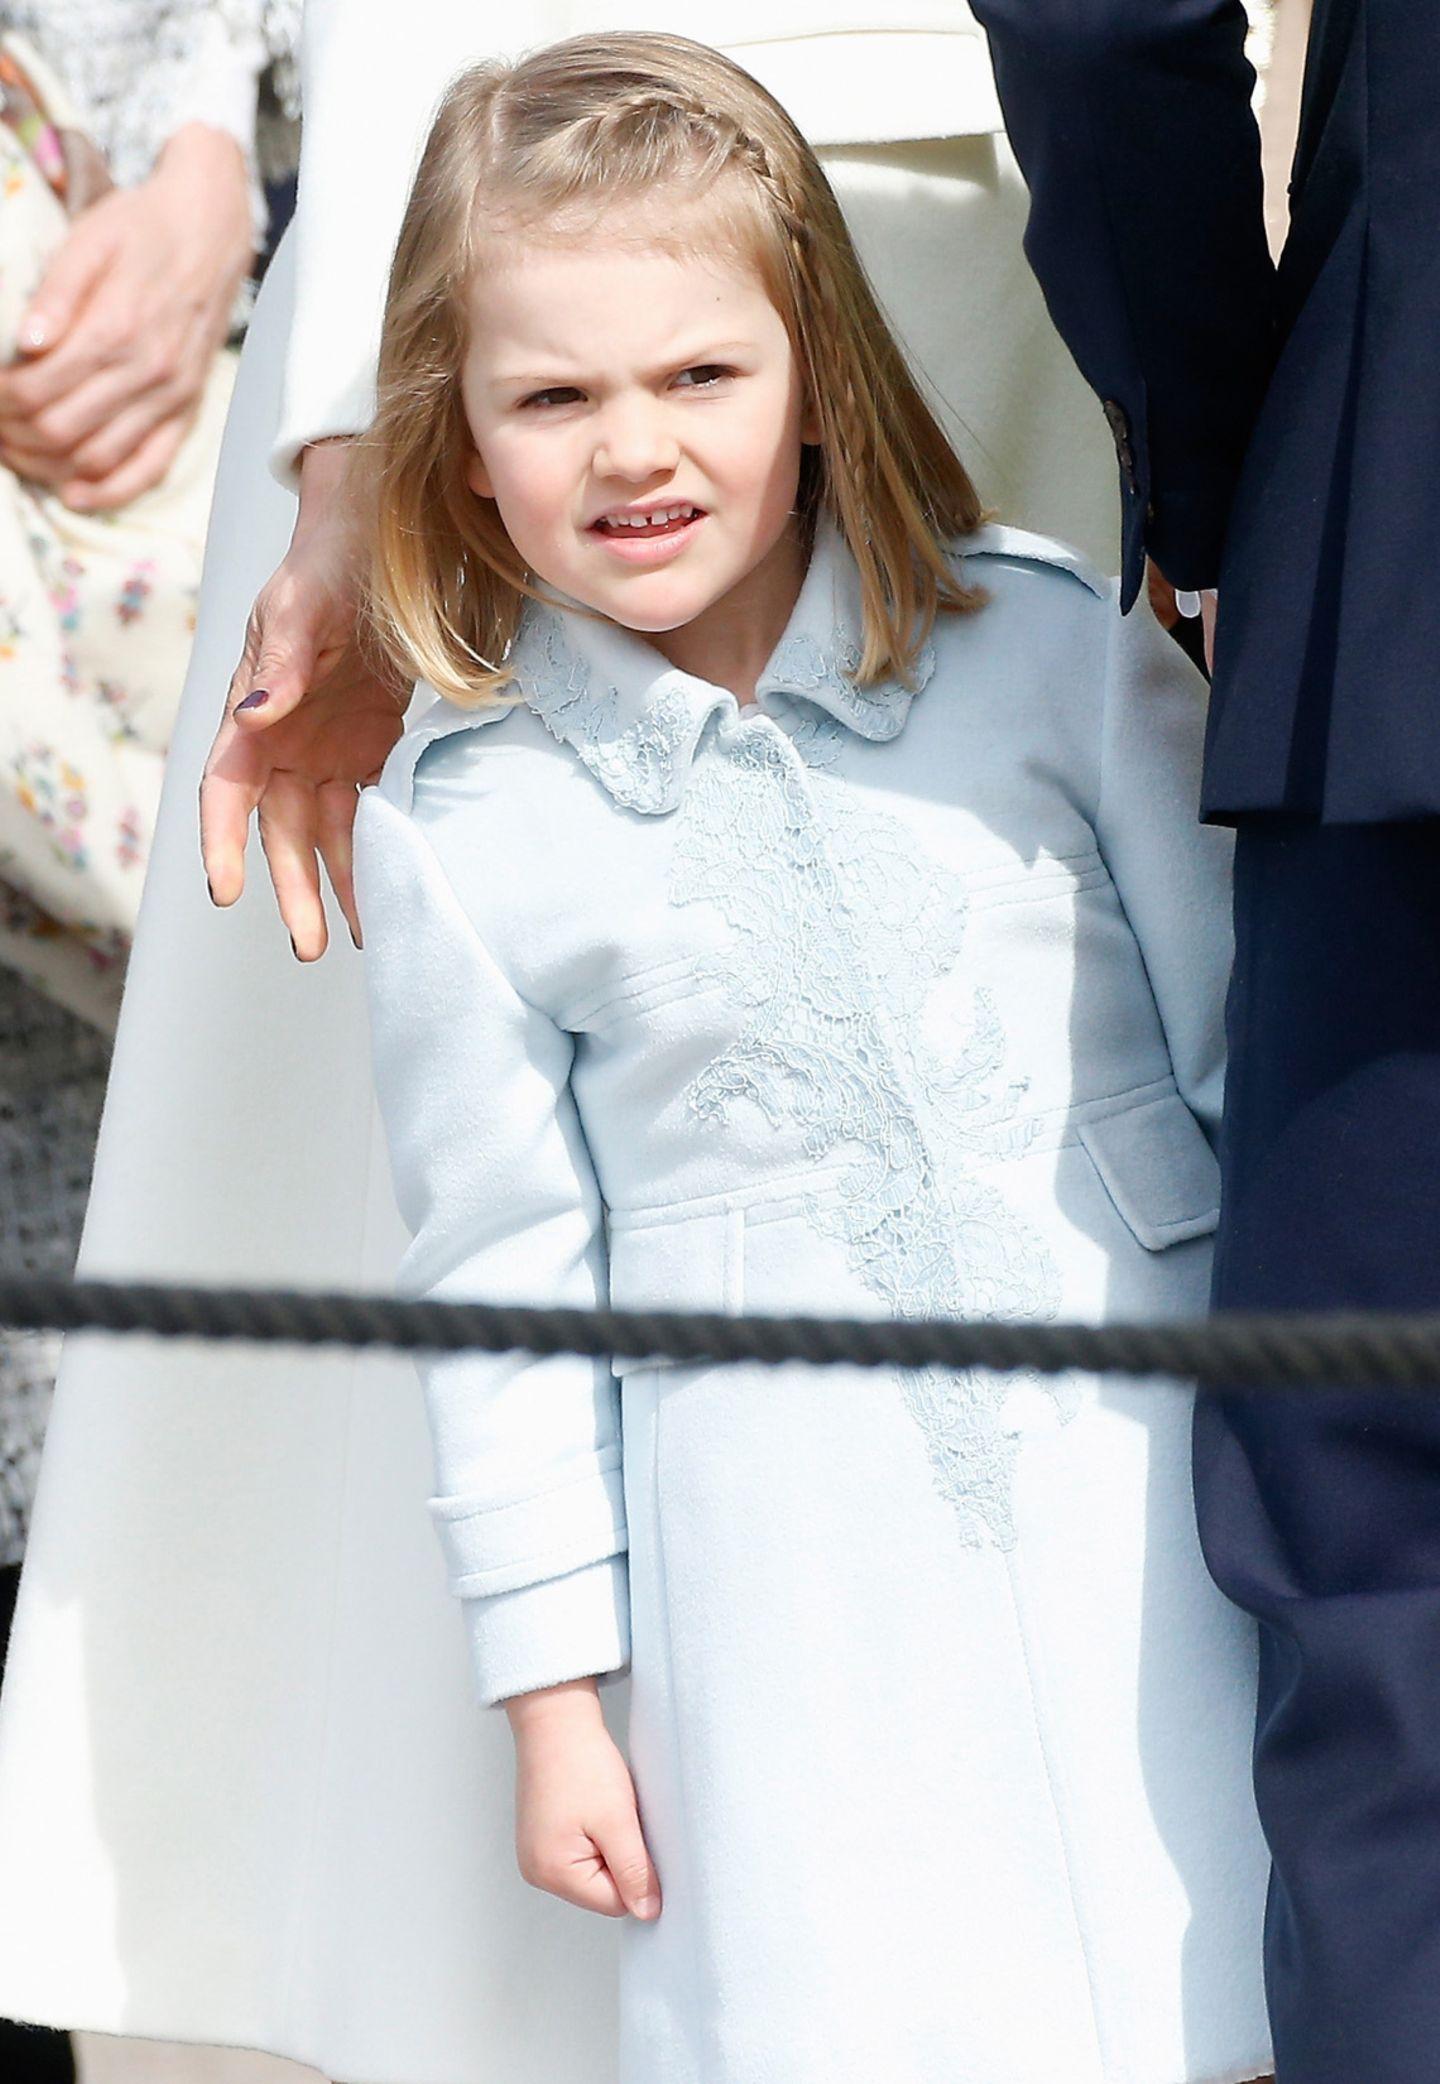 Zuckersüß: In einem pastellfarbenem Mäntelchen schaut sich Prinzessin Estelle nach den anderen Geburtstagsgästen um. Das obligatorische Schleifchen im Haar trägt sich bereits länger nicht mehr. Estelle ist ja schließlich schon eine ganz Große.